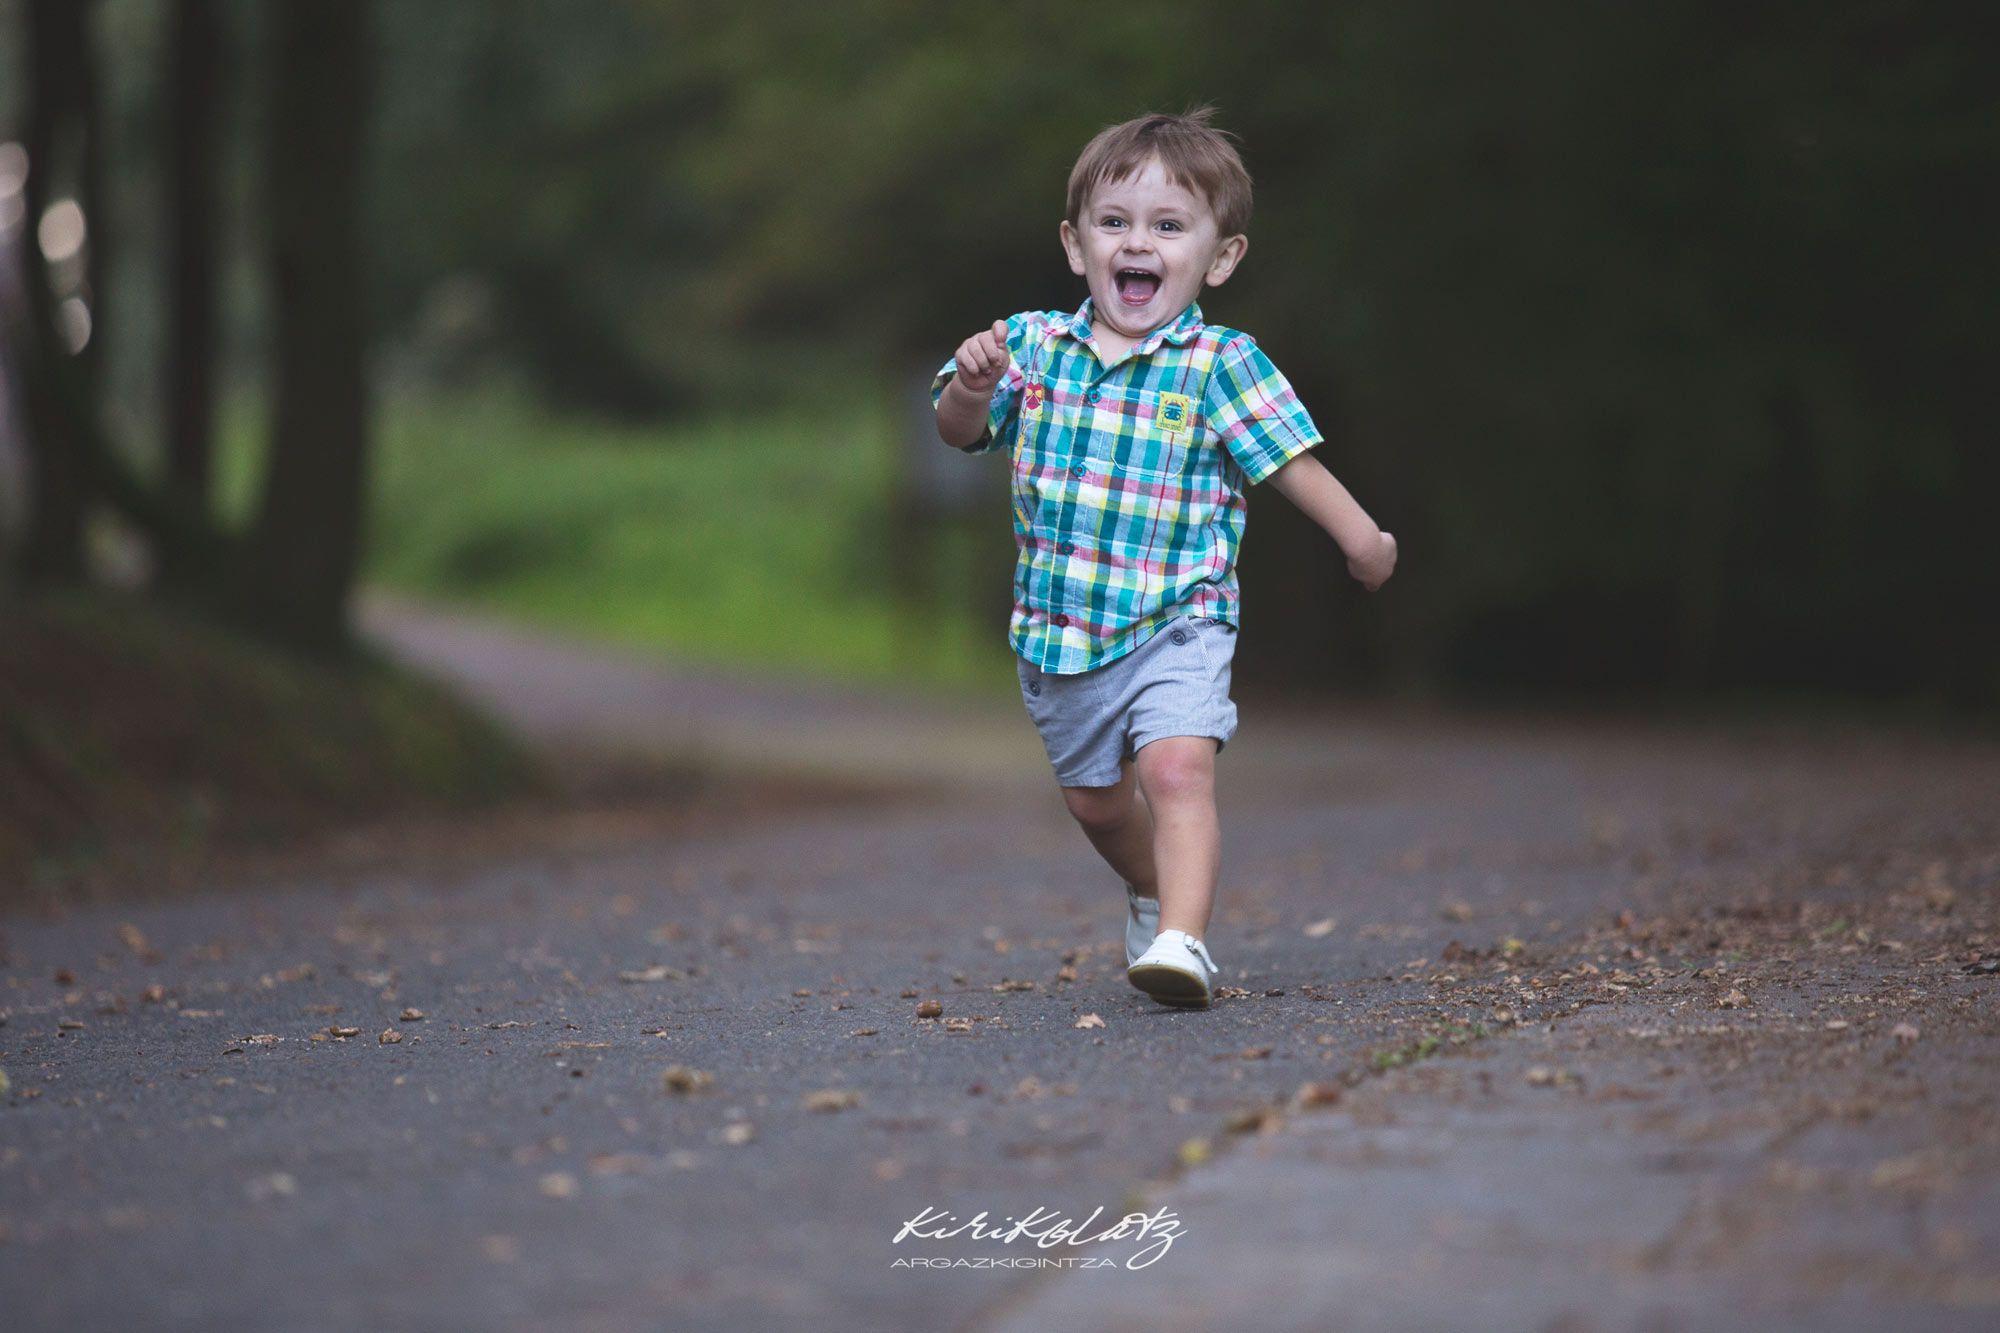 Fotografa Ninos Infantil Kirikolatz